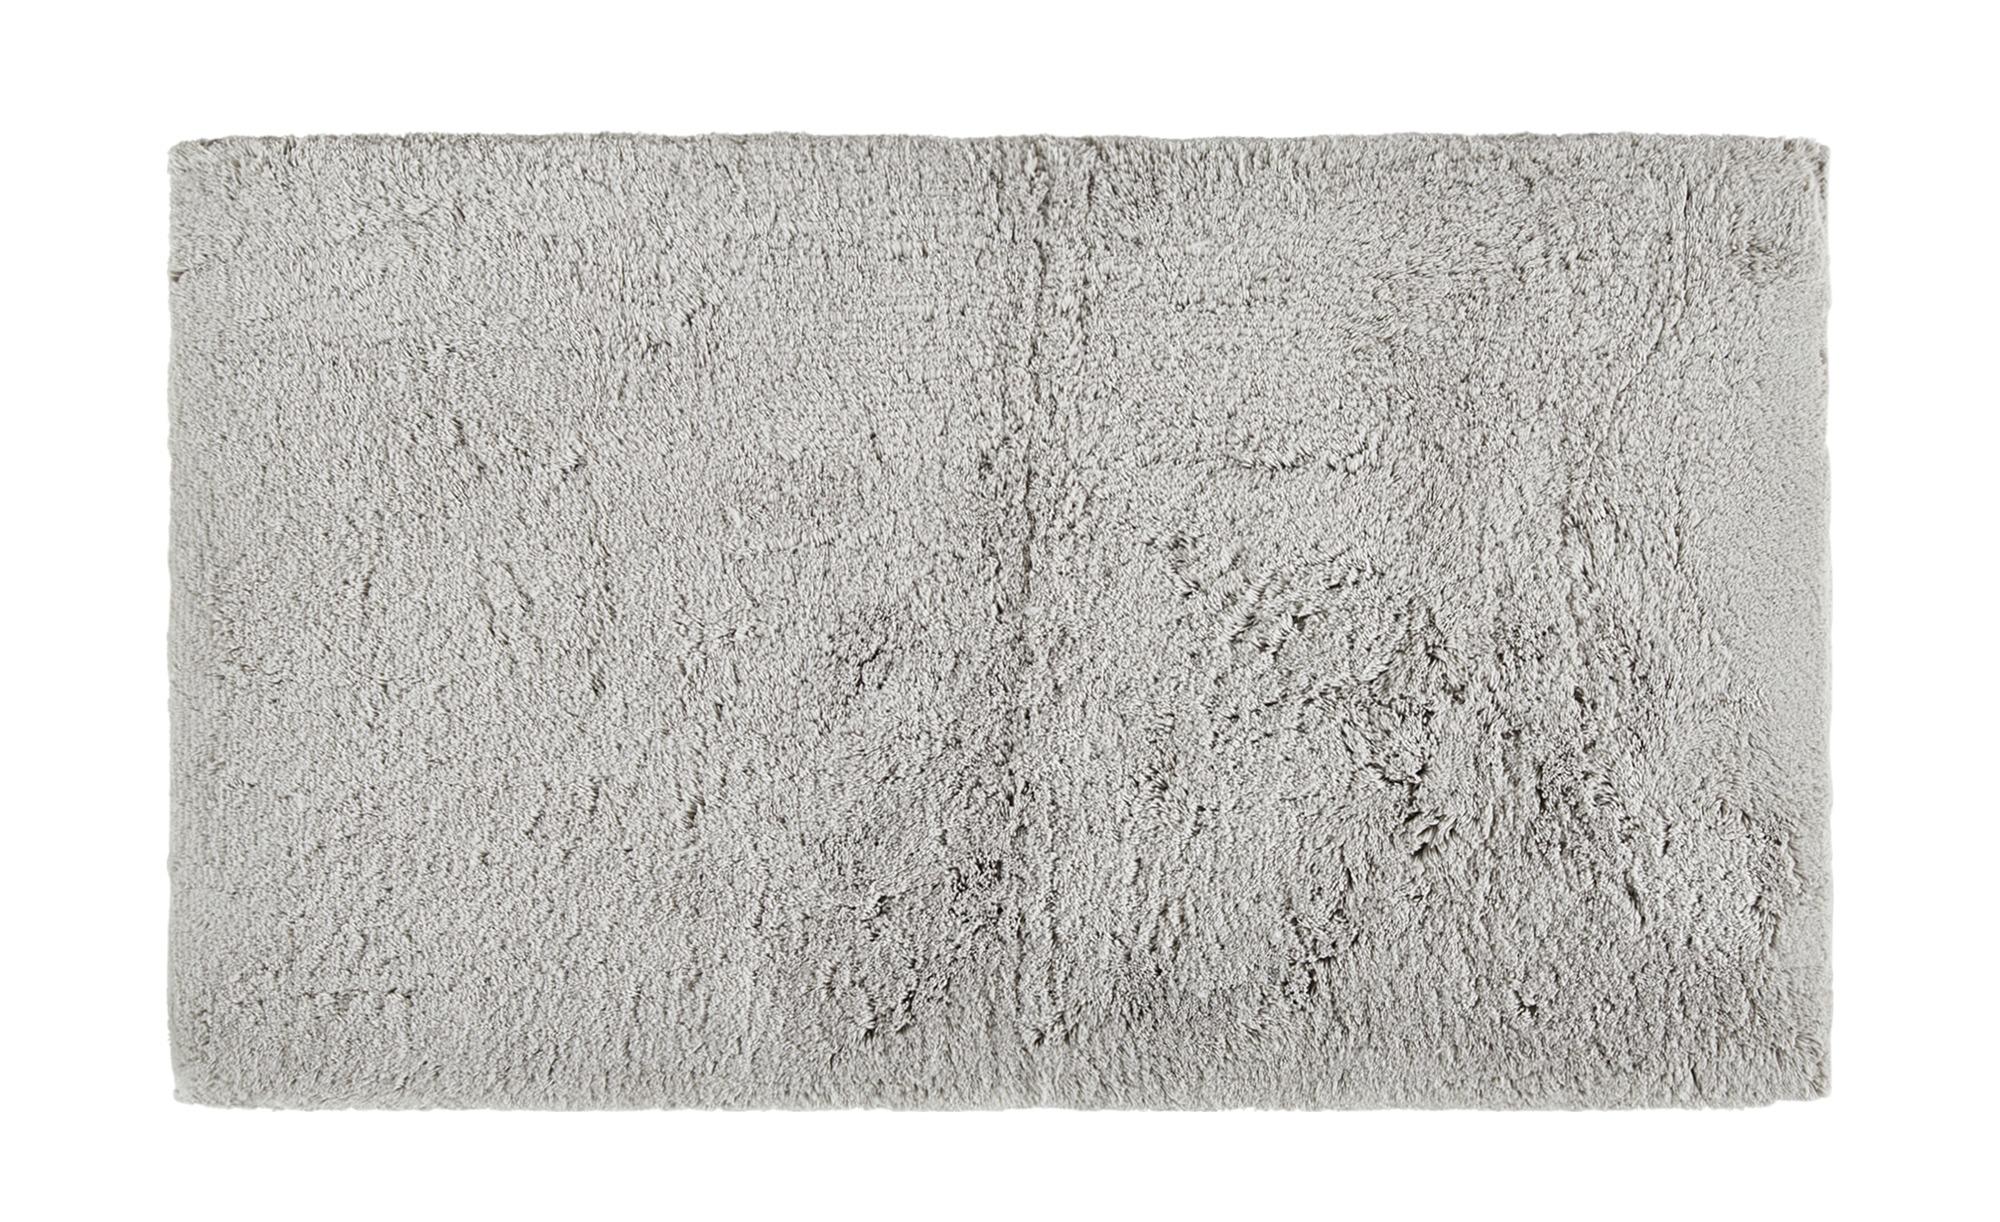 Badteppich  Wölkchen ¦ grau ¦ reine Baumwolle ¦ Maße (cm): B: 50 Badtextilien und Zubehör > Badematten & Badvorleger - Höffner | Bad > Badgarnituren > Läufer & Matten | Grau | Baumwolle | Möbel Höffner DE